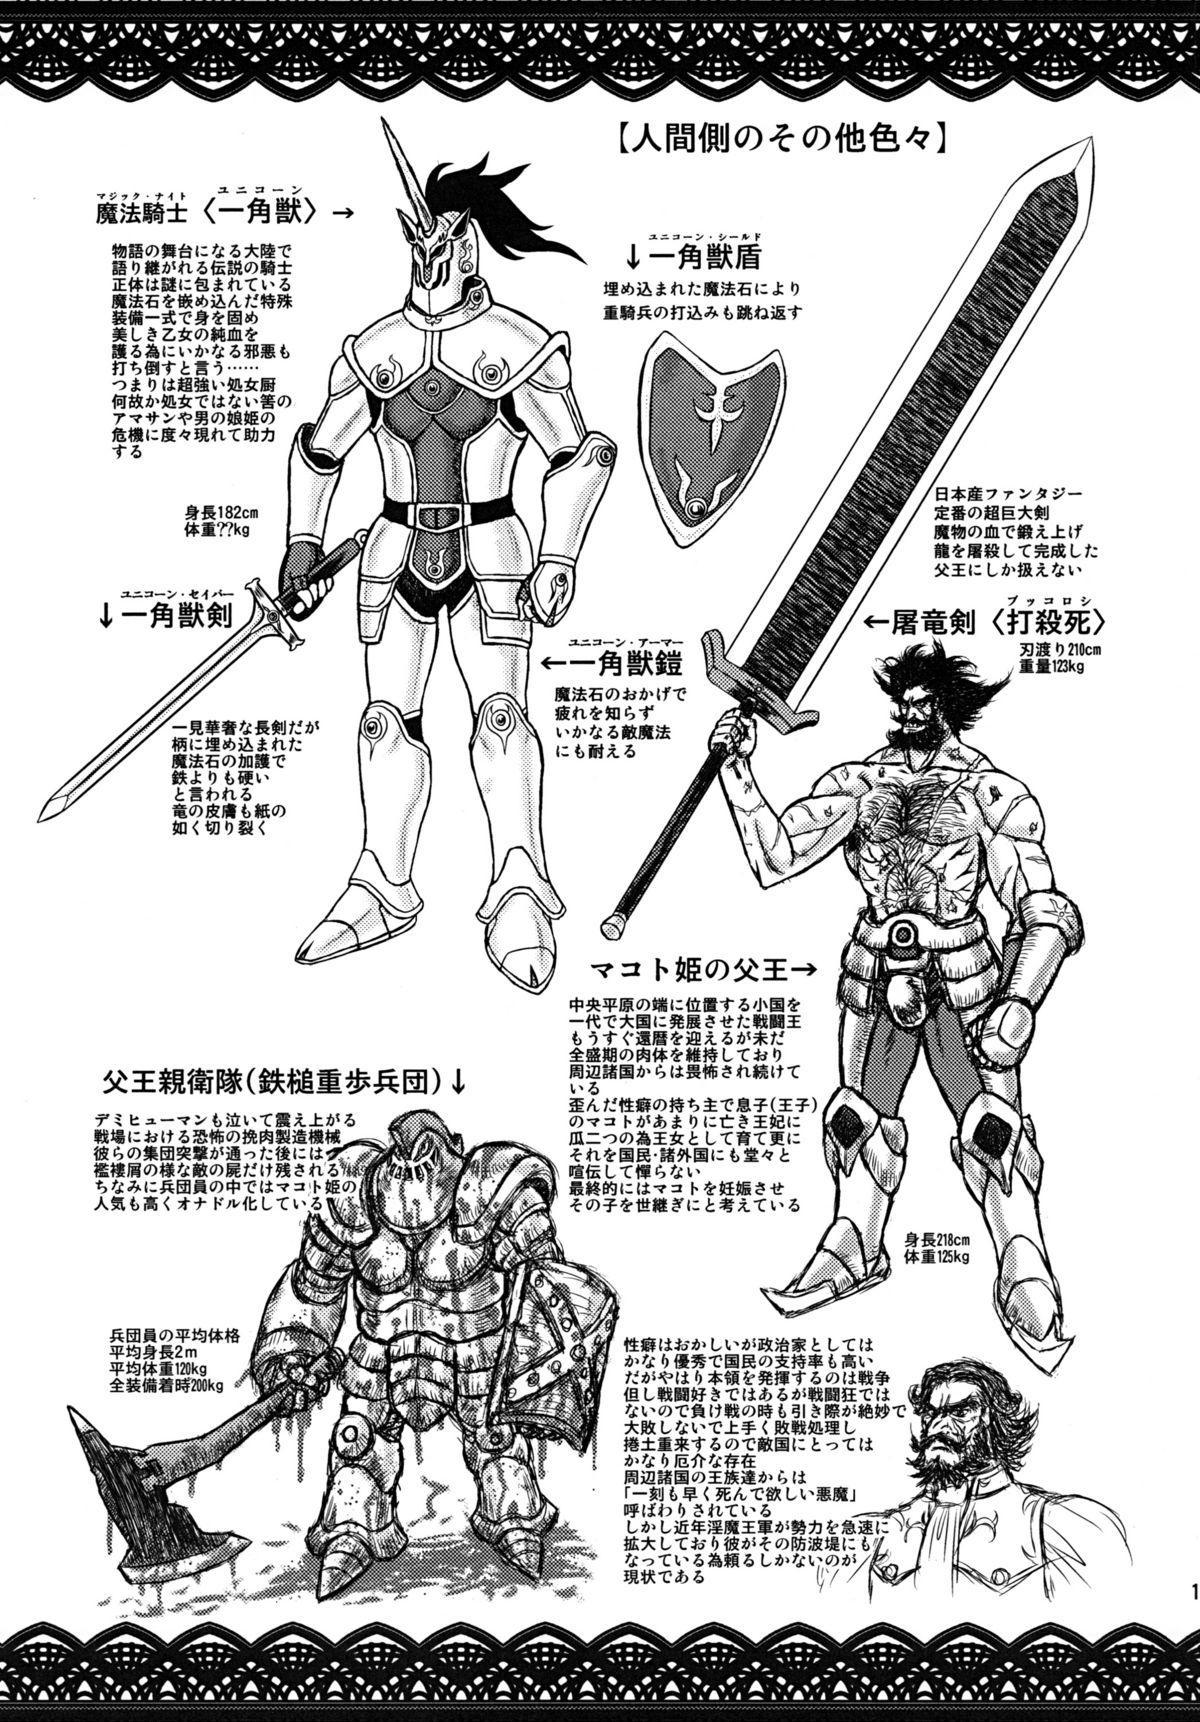 戦闘尼僧の淫靡な冒険記【お試し版】 10